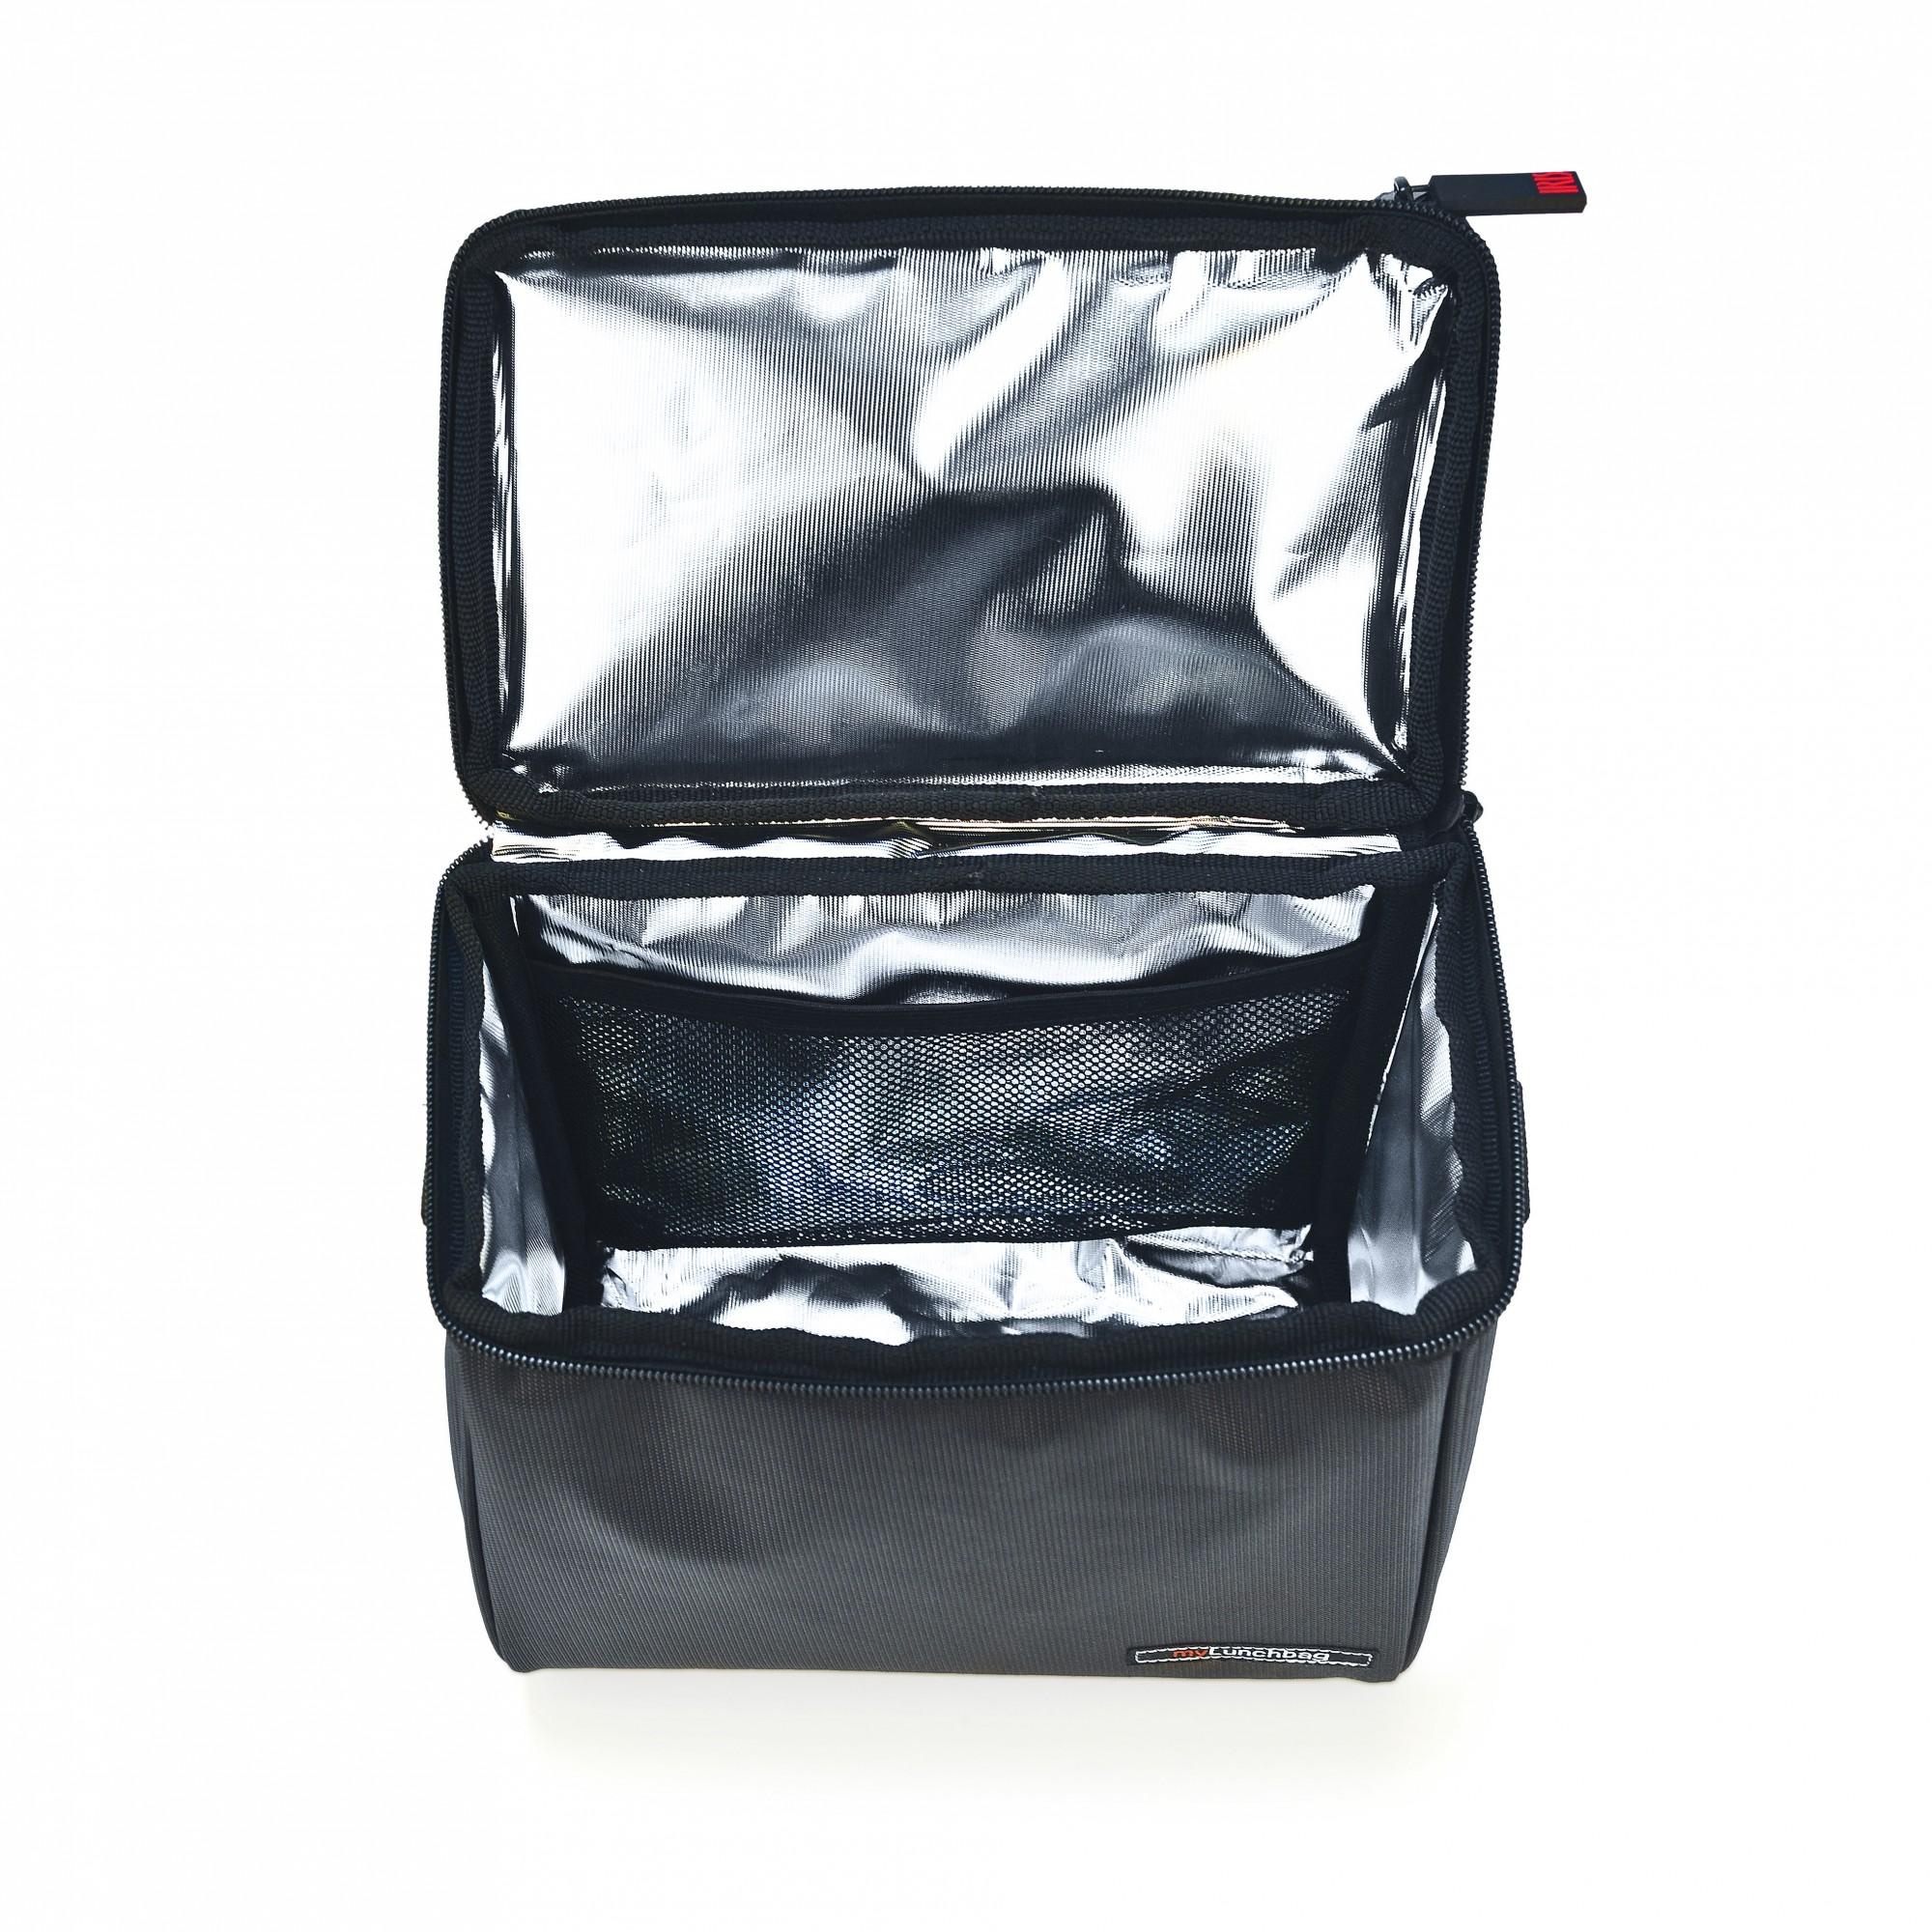 d7a6452ccfcc0 Iris Lunch bag OPTIMAL szara torba + 2 pojemniki i butelka / Btrzy ...